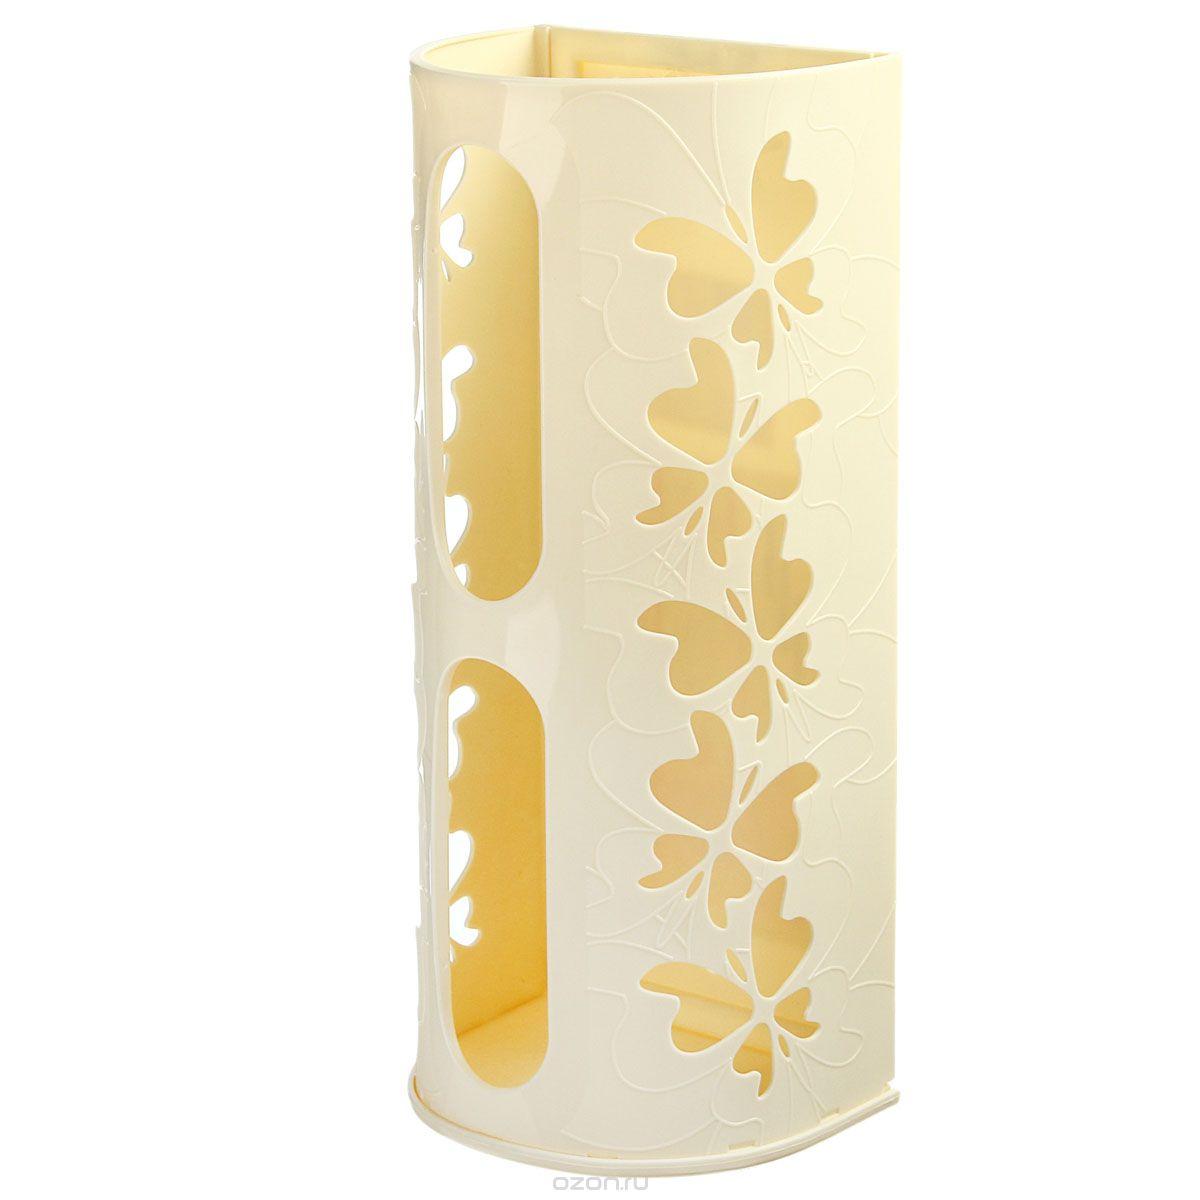 Корзина для пакетов Berossi Fly, цвет: слоновая кость, 16 х 13 х 37,5 см28907 4Корзина Berossi Fly выполнена из пластика и предназначена для хранения пакетов. Изделие декорировано перфорацией в виде бабочек и крепится к стене при помощи трех саморезов (входят в комплект). Корзина легко собирается и разбирается. Имеет два отверстия, из которых удобно вынимать пакеты.Корзина Berossi Fly позволяет хранить пакеты в одном месте. Размер корзины (в собранном виде): 16 см х 13 см х 37,5 см.